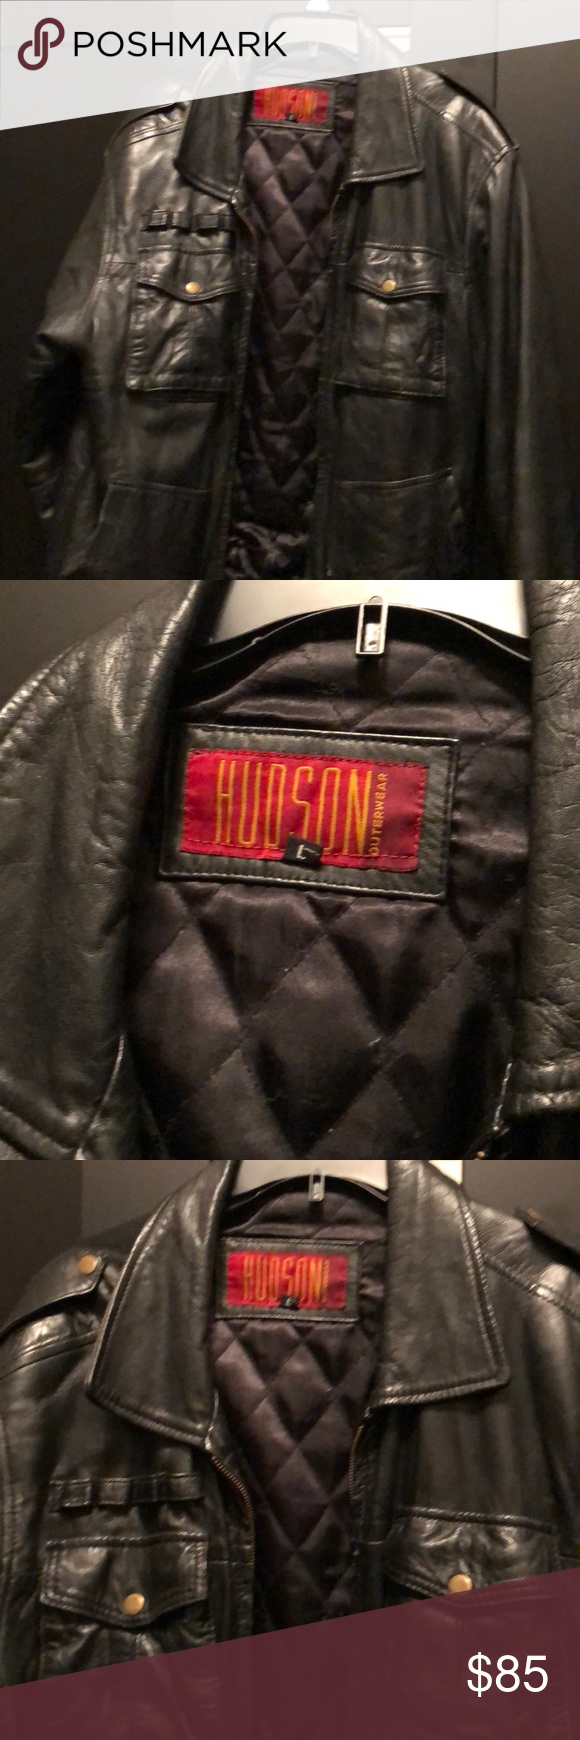 Men S Large Black Hudson Leather Jacket Leather Jacket Jackets Black Leather Jacket [ 1740 x 580 Pixel ]